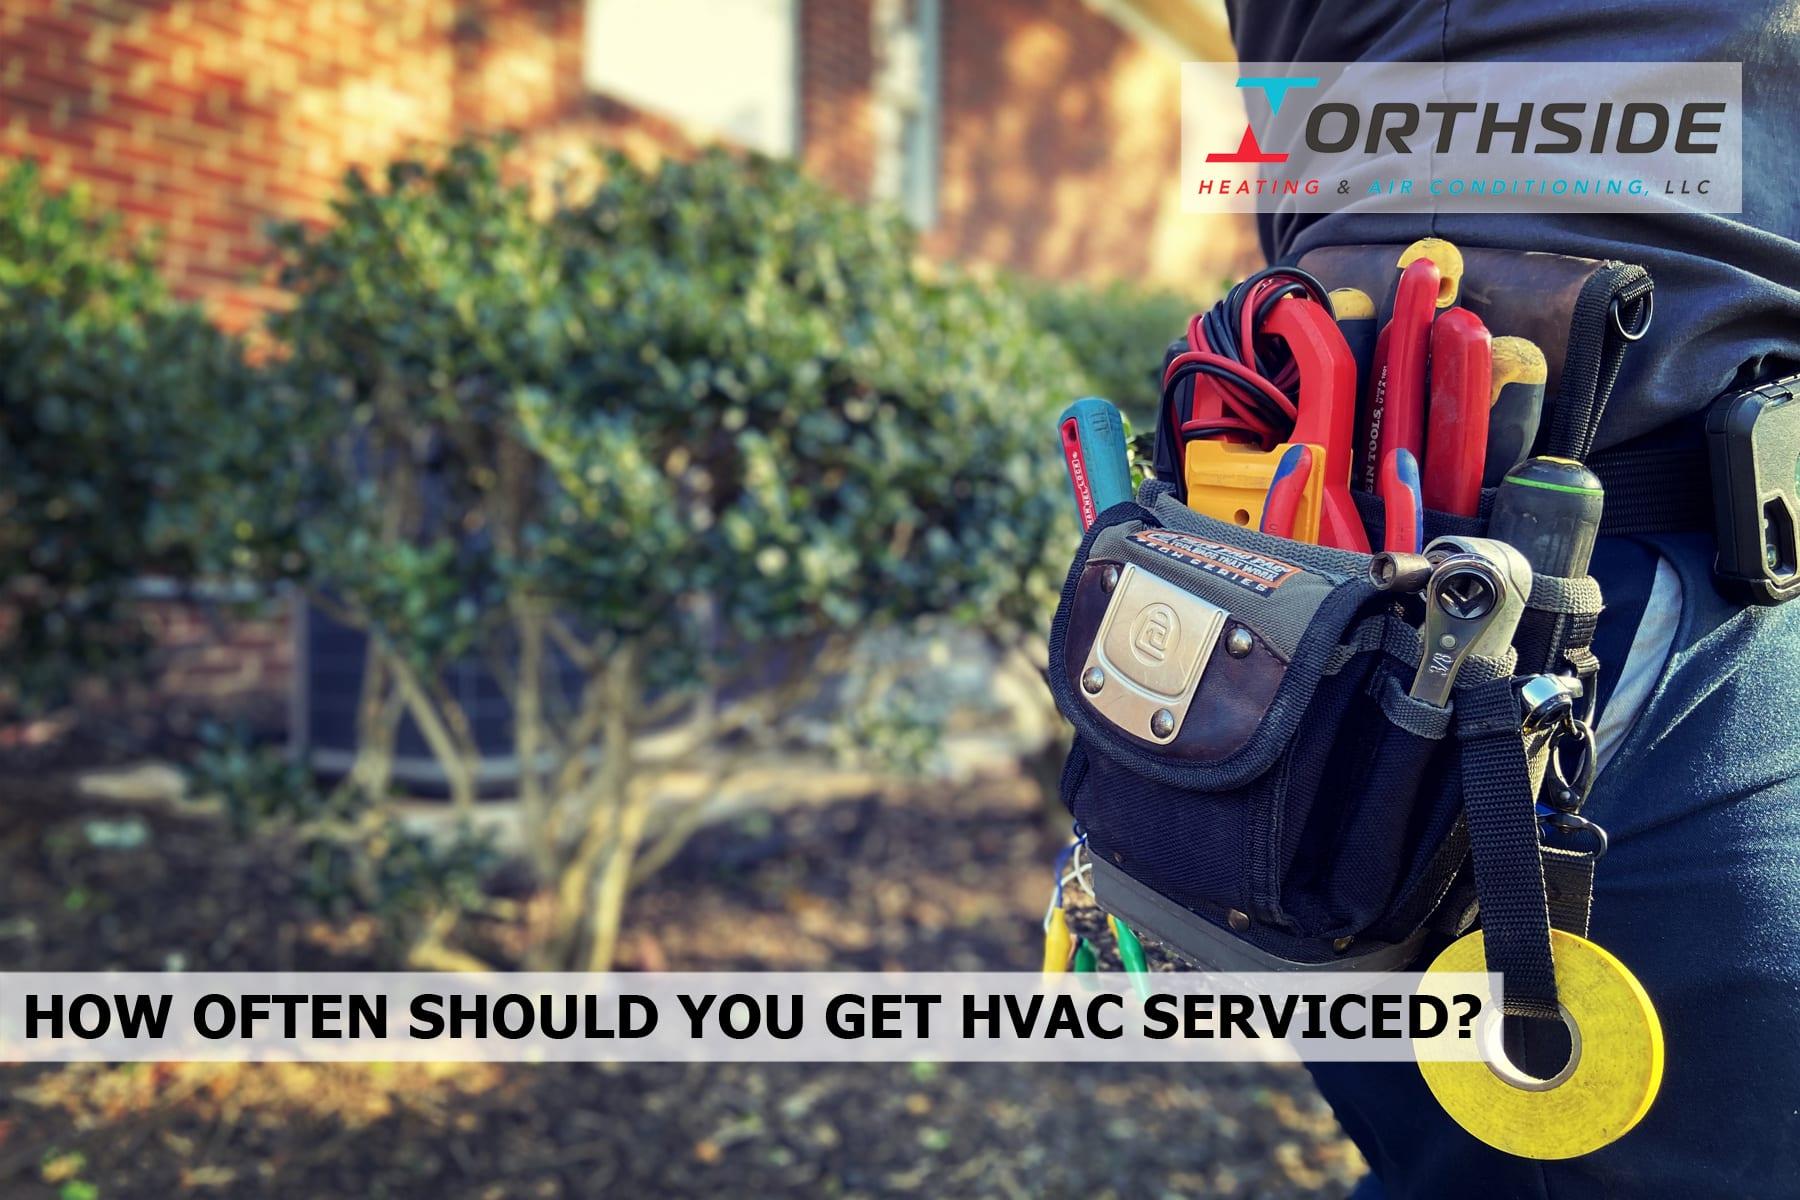 HOW OFTEN SHOULD YOU GET HVAC SERVICED?